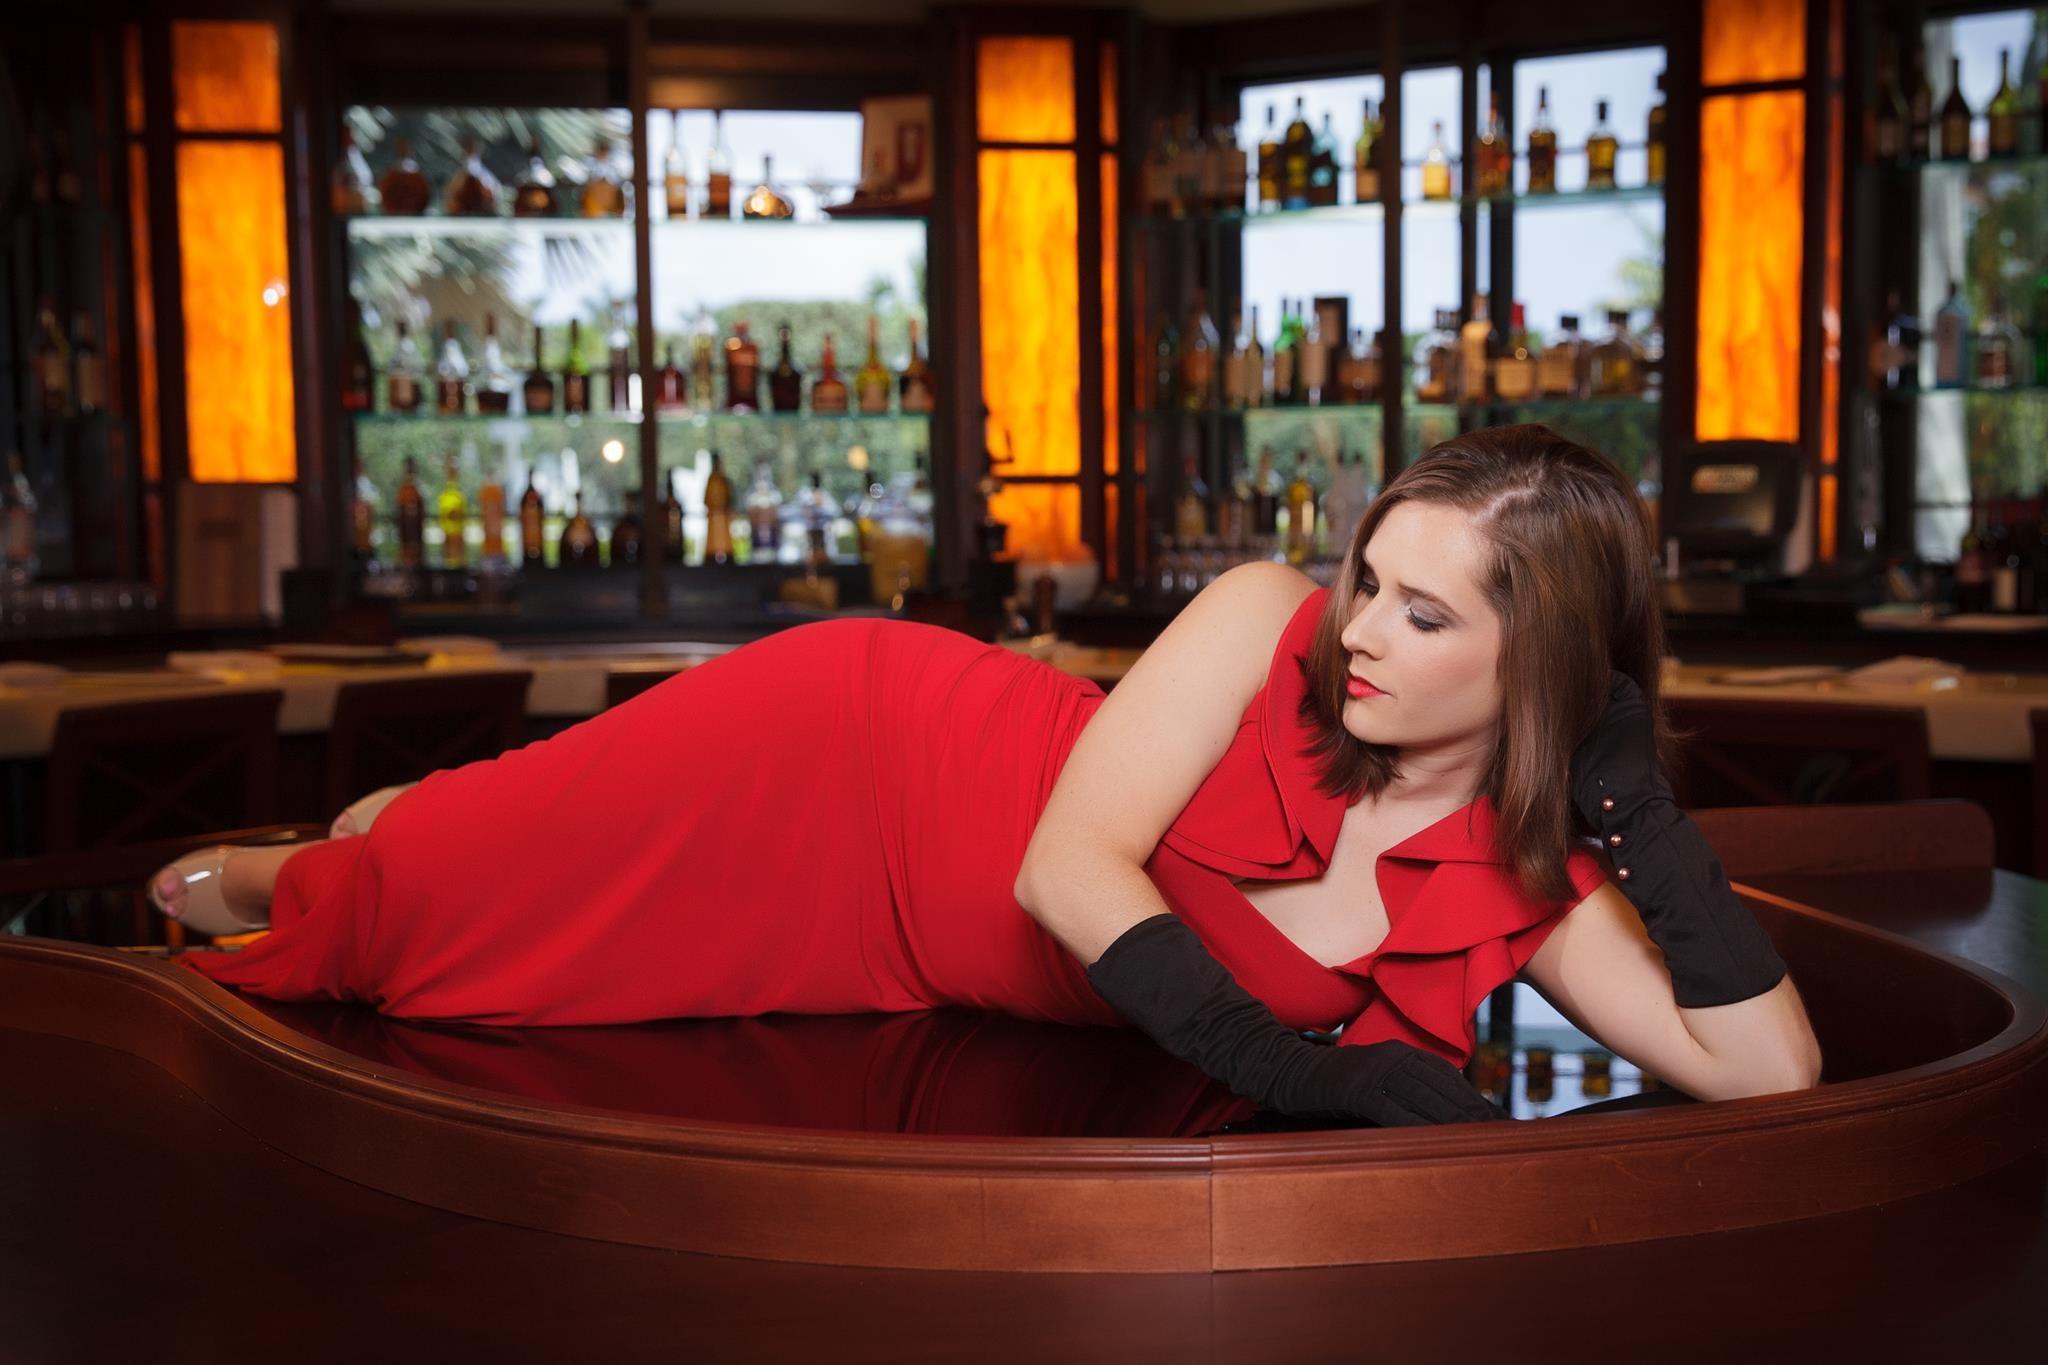 Singer-songwriter Chloe Friedman will perform at September 4 T.G.I.M.